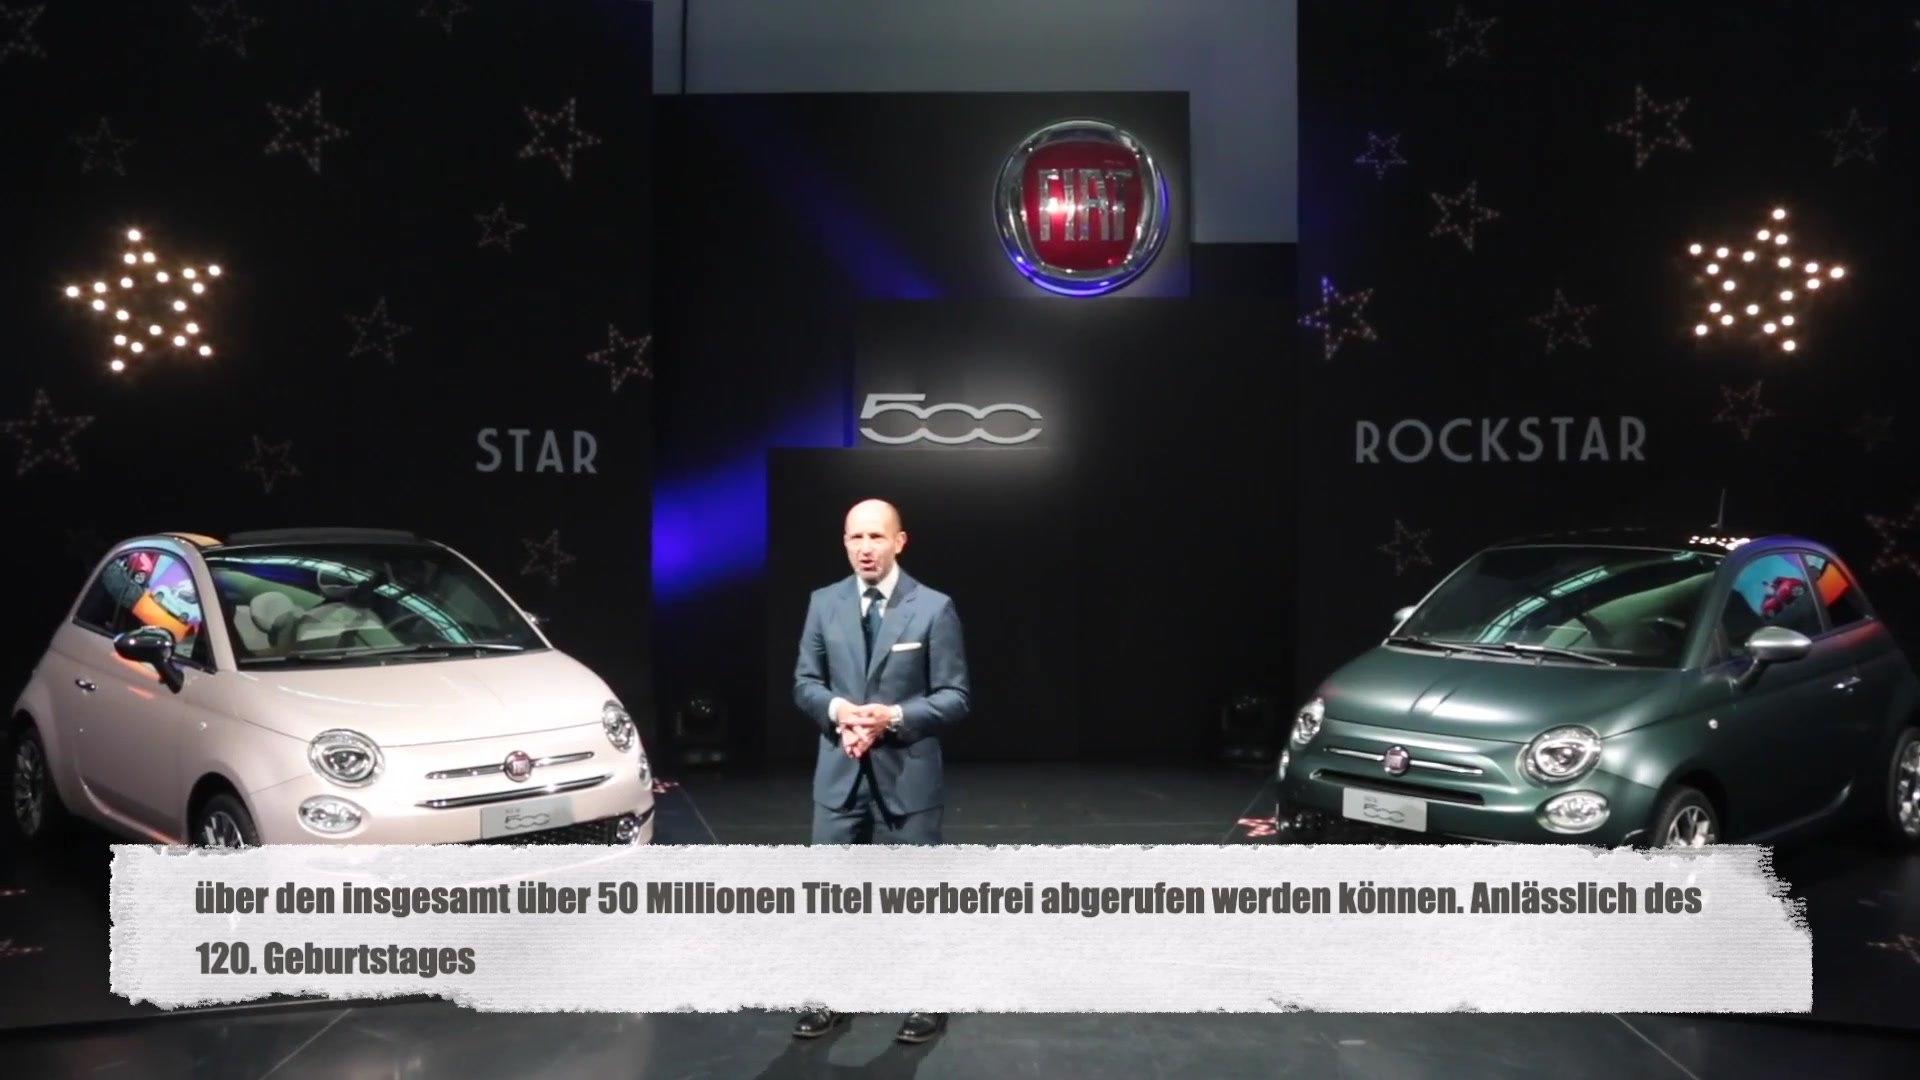 Fiat werbung neue musik Fiat 500S